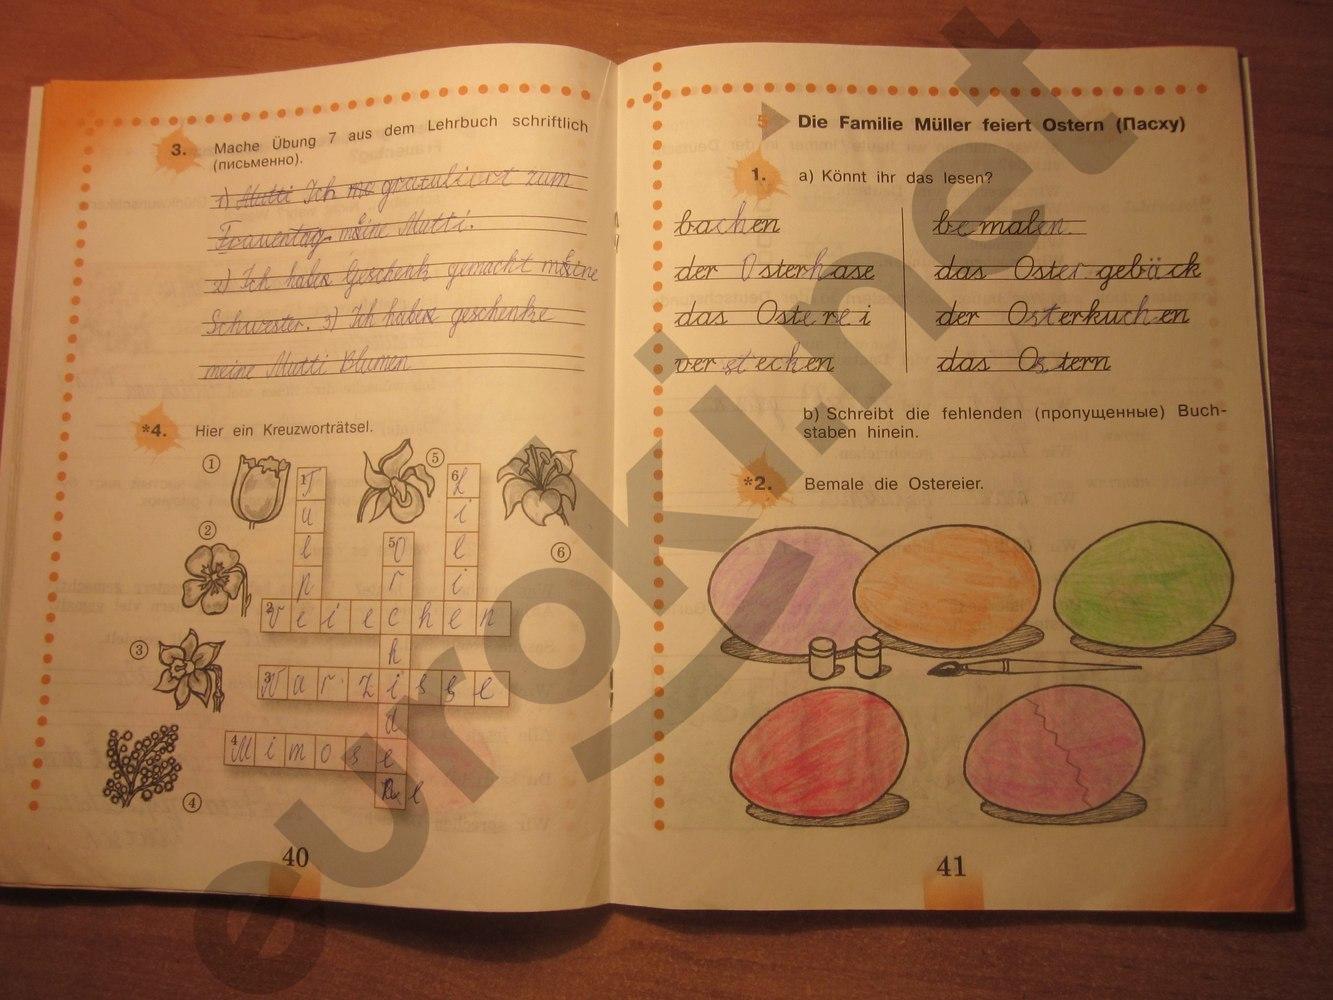 ГДЗ по немецкому языку 3 класс рабочая тетрадь Бим И.Л. Рыжова Л.И. Часть 2. Задание: стр. 40-41